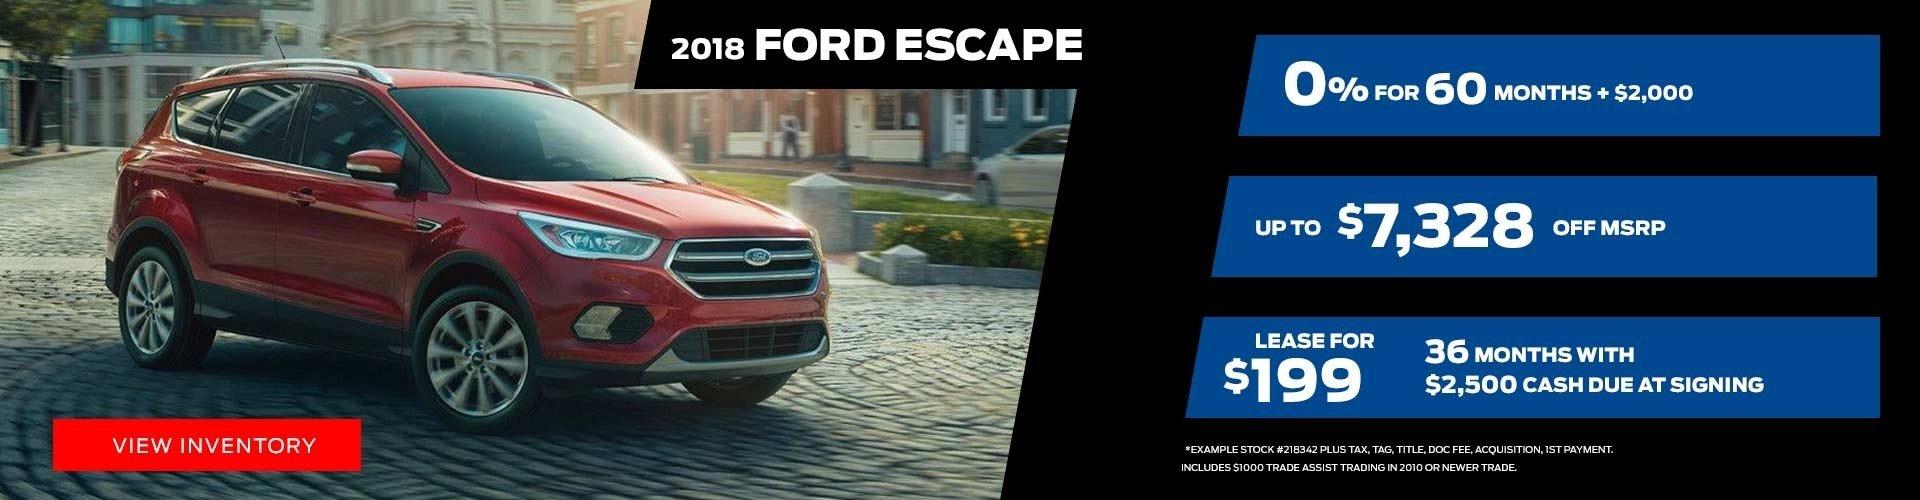 /sale/ford-escape-charlotte-nc